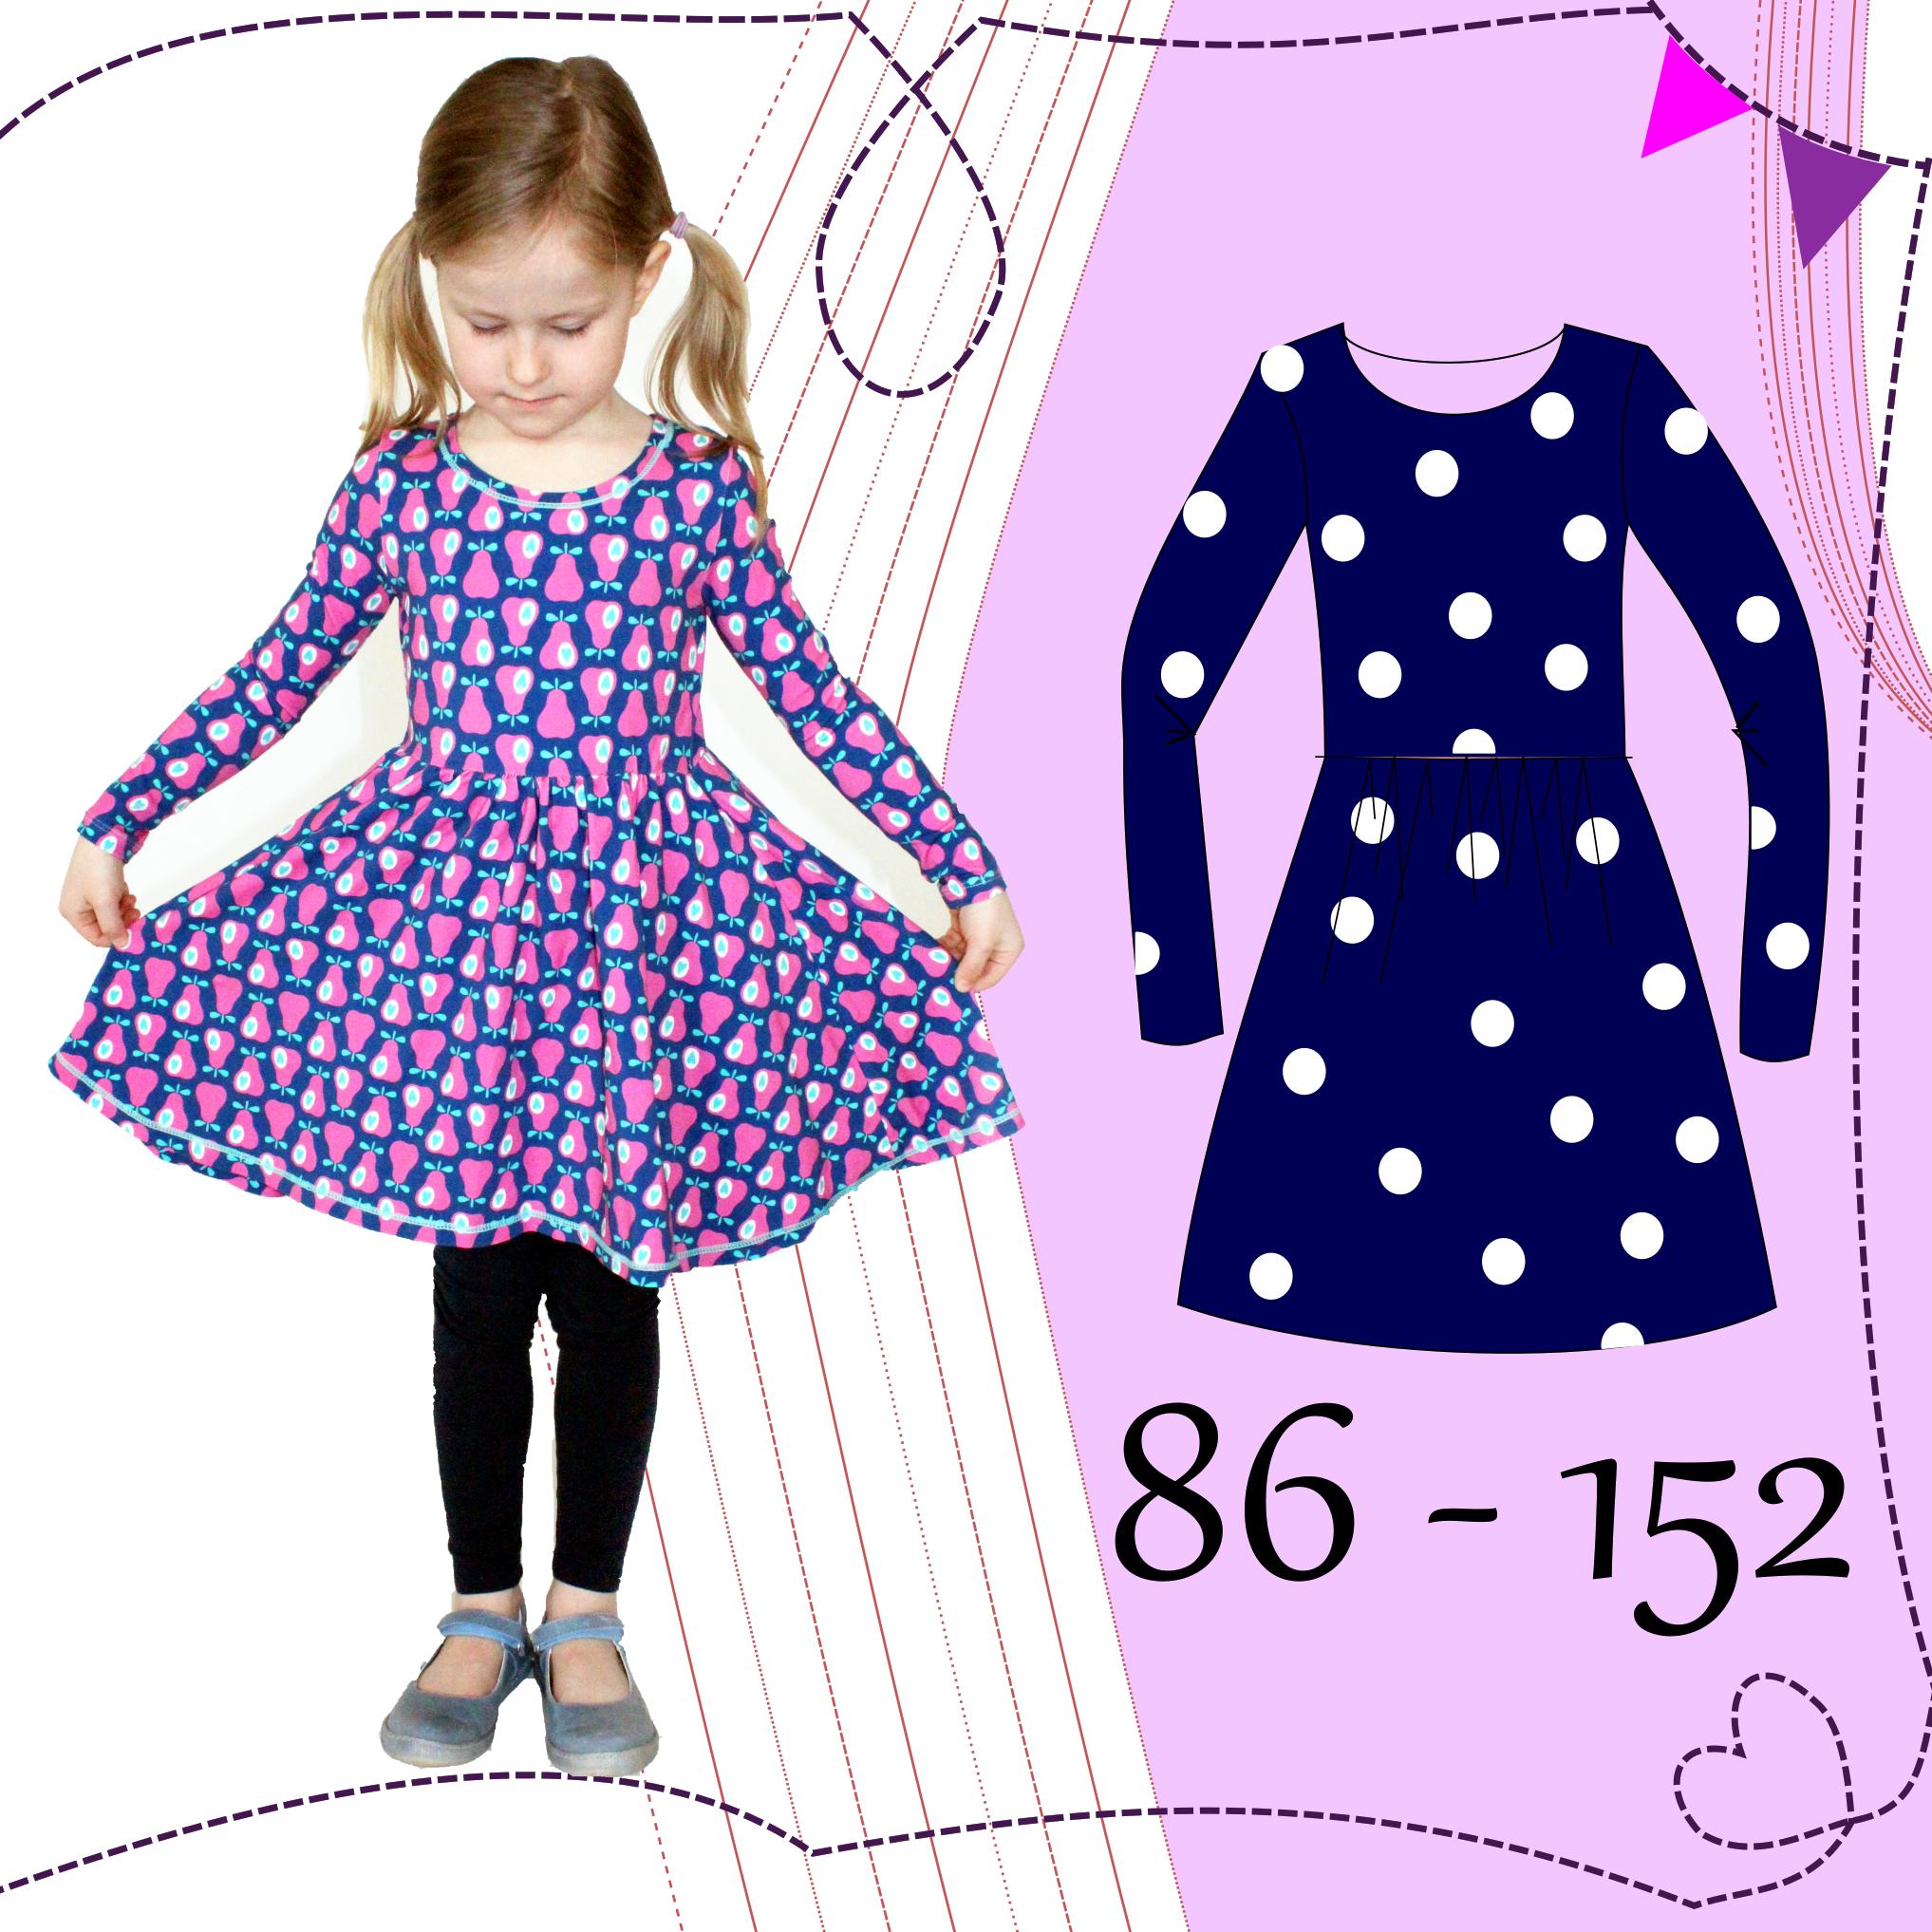 eBook AnniNanni kleine Ballerina-Kleid PDF Anleitung und